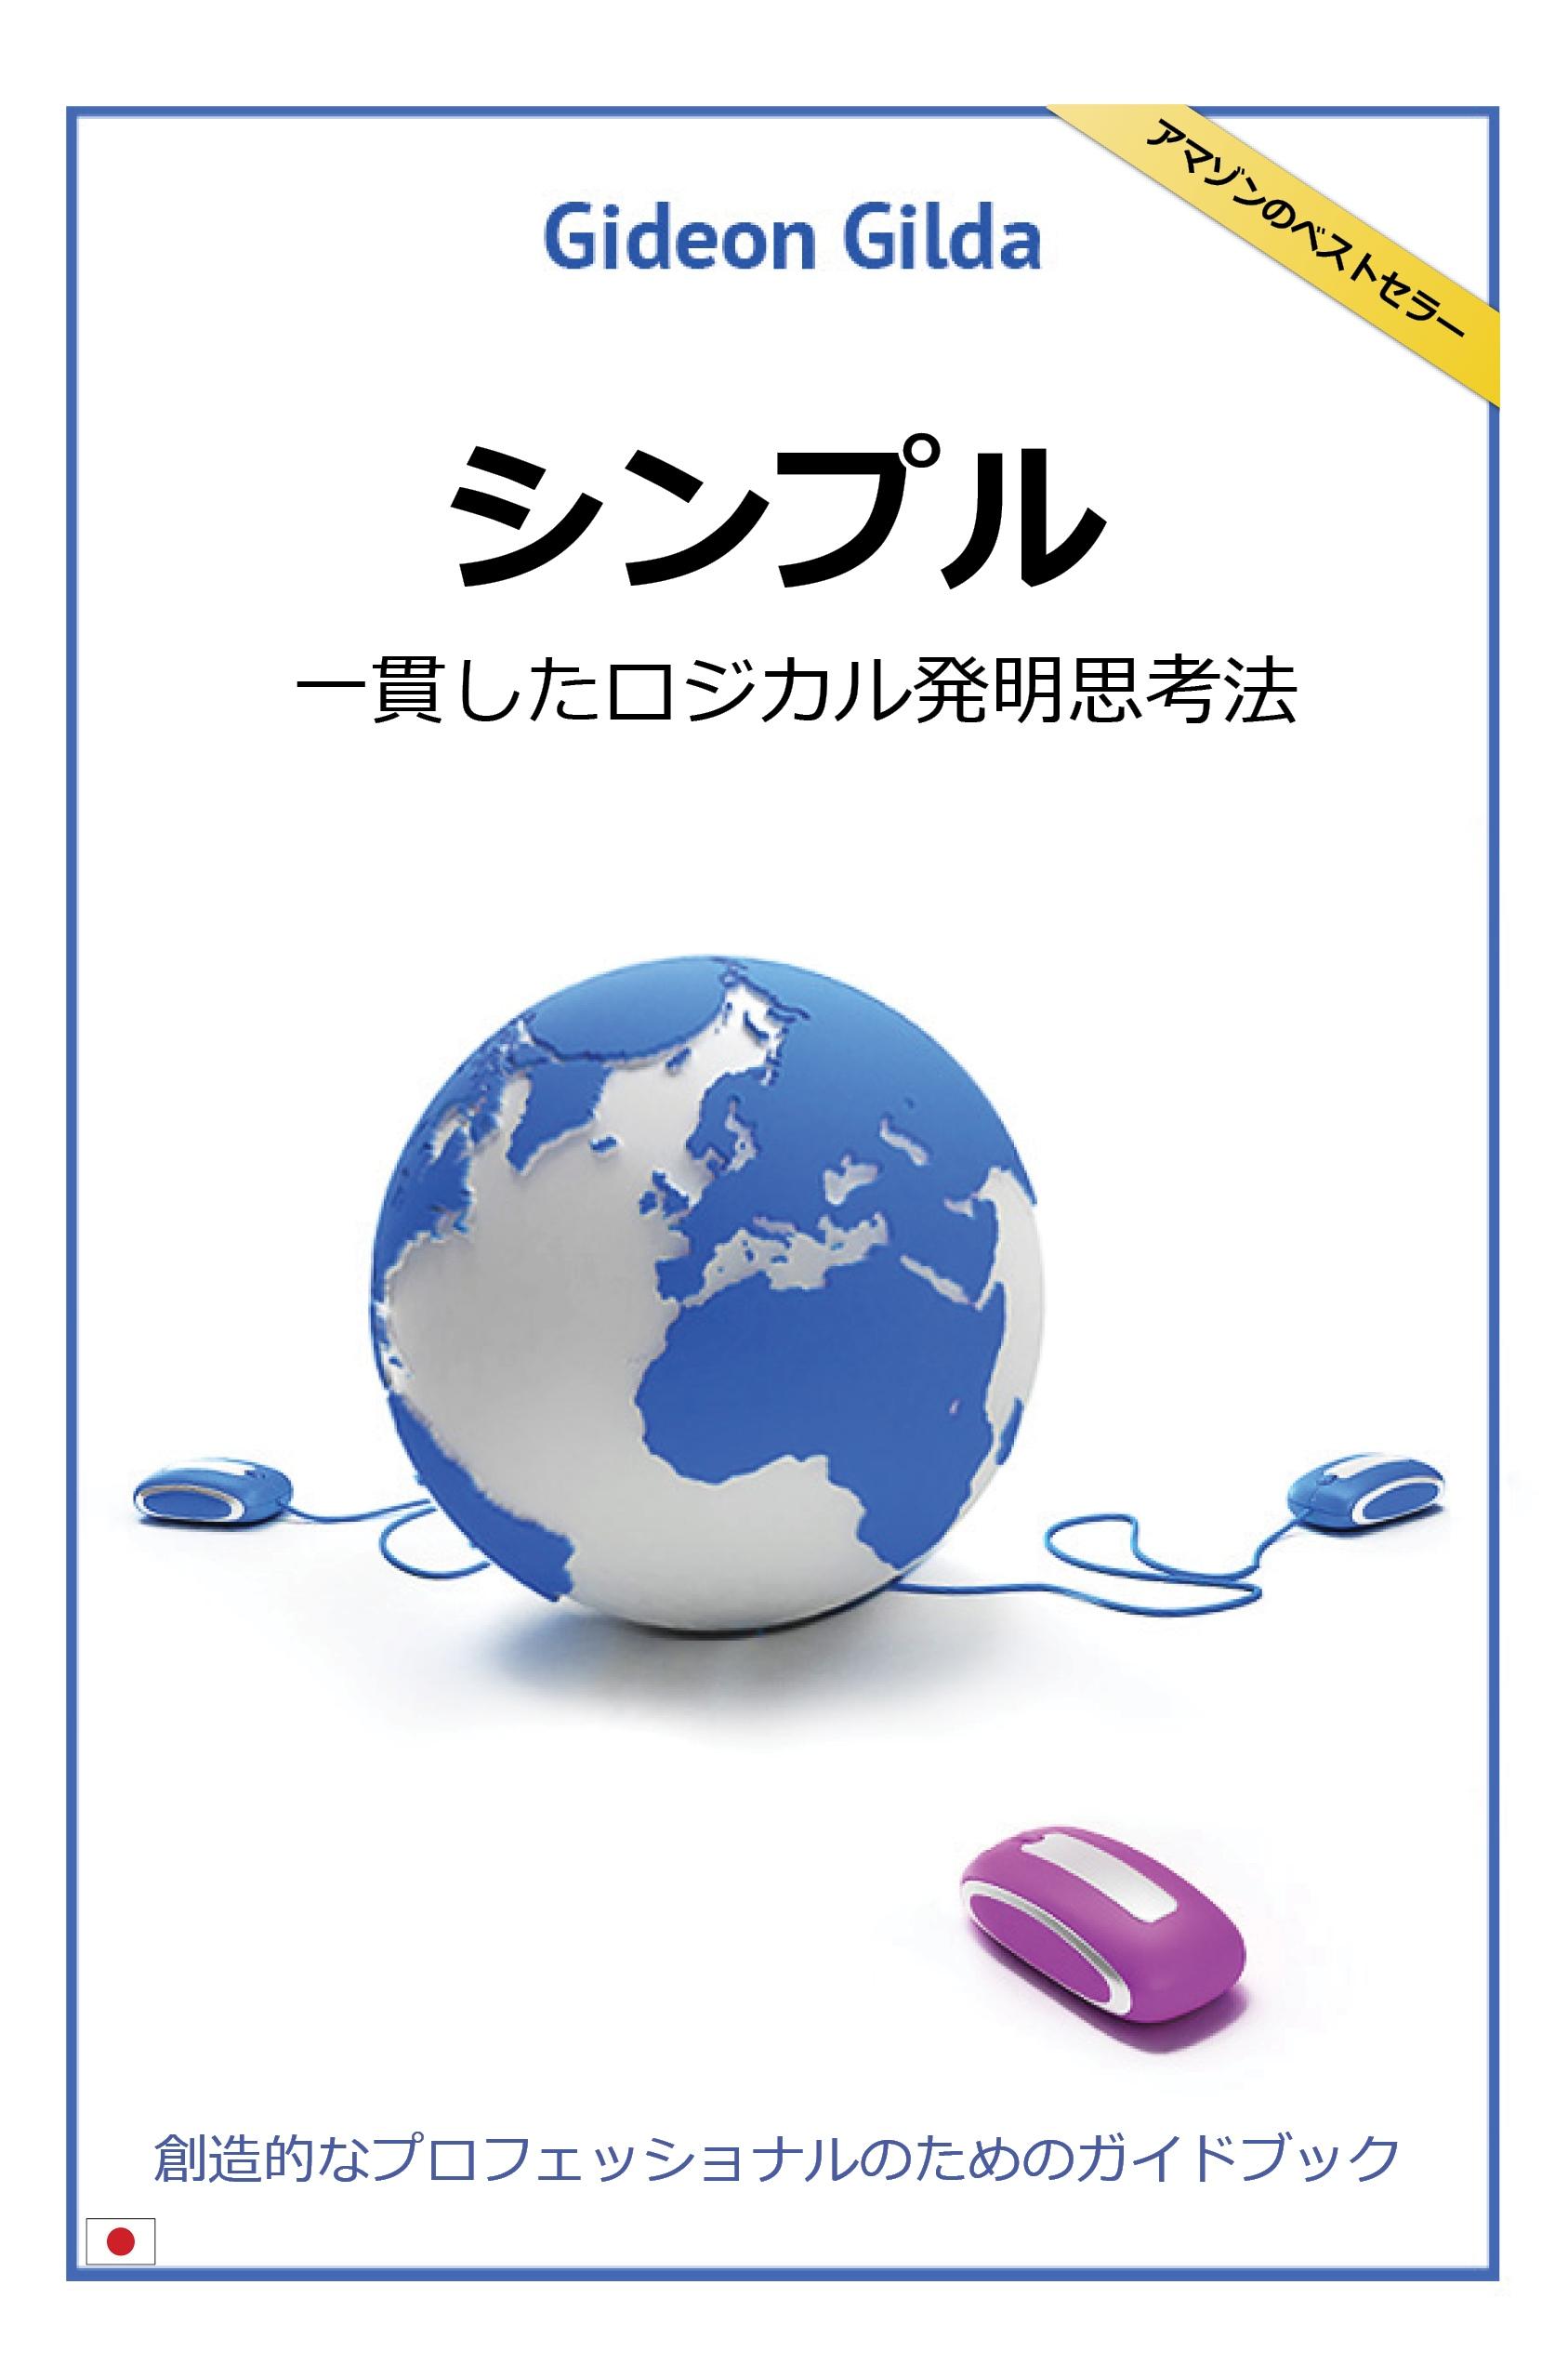 シンプル 一貫したロジカル発明思考法 創造的なプロフェッショナルのためのガイドブック アマゾンのベストセラー